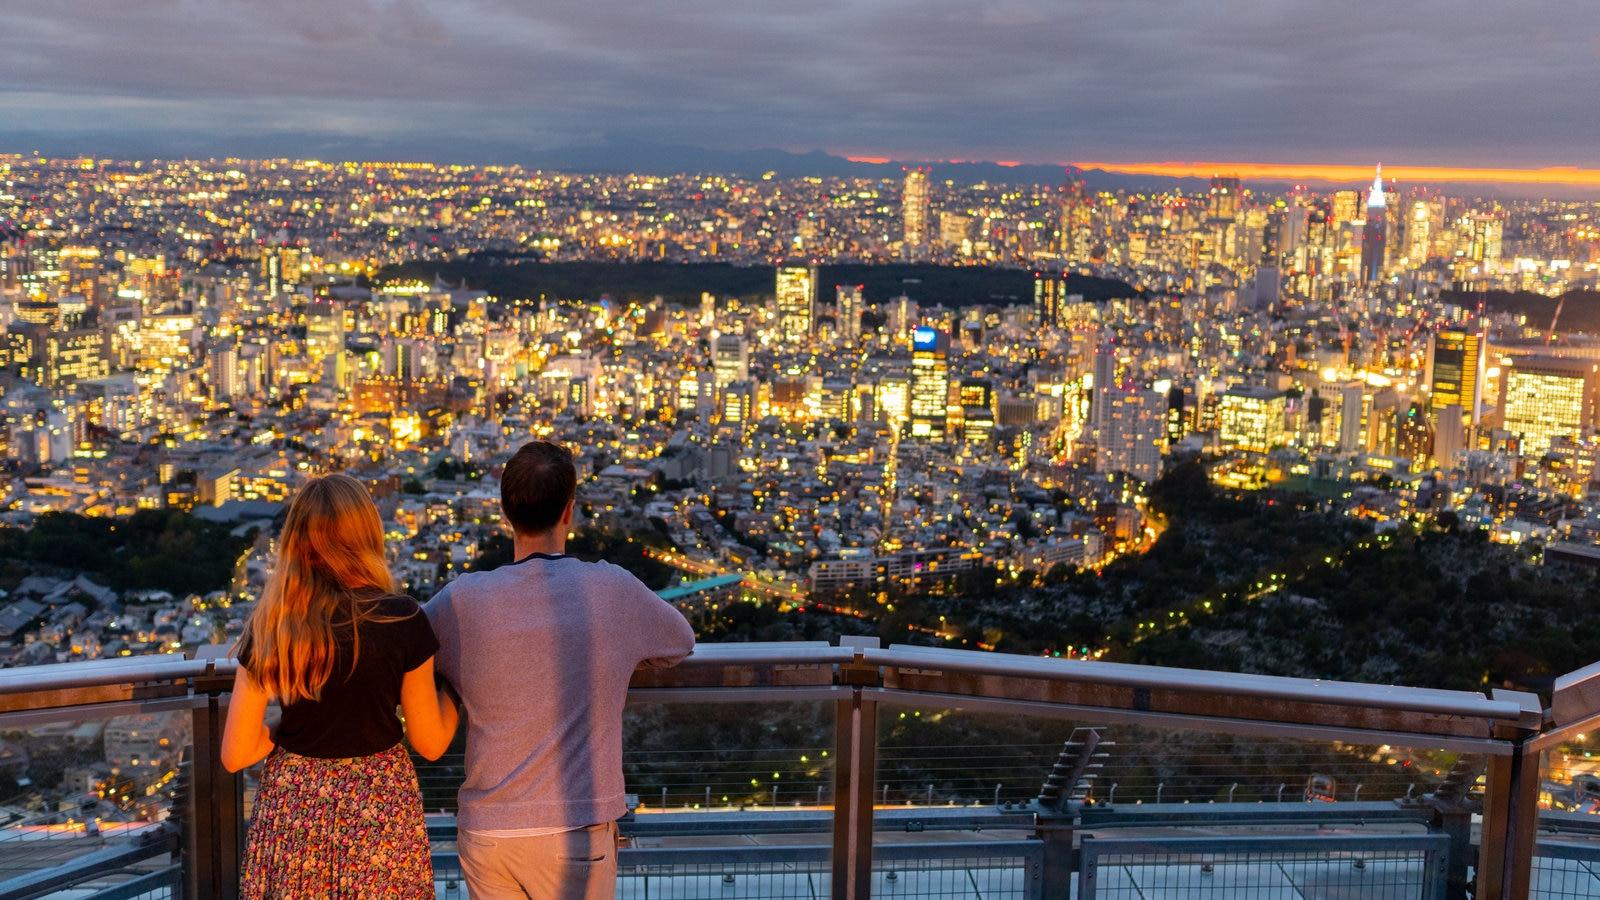 Kanto que inclui cenas noturnas, paisagem e uma cidade